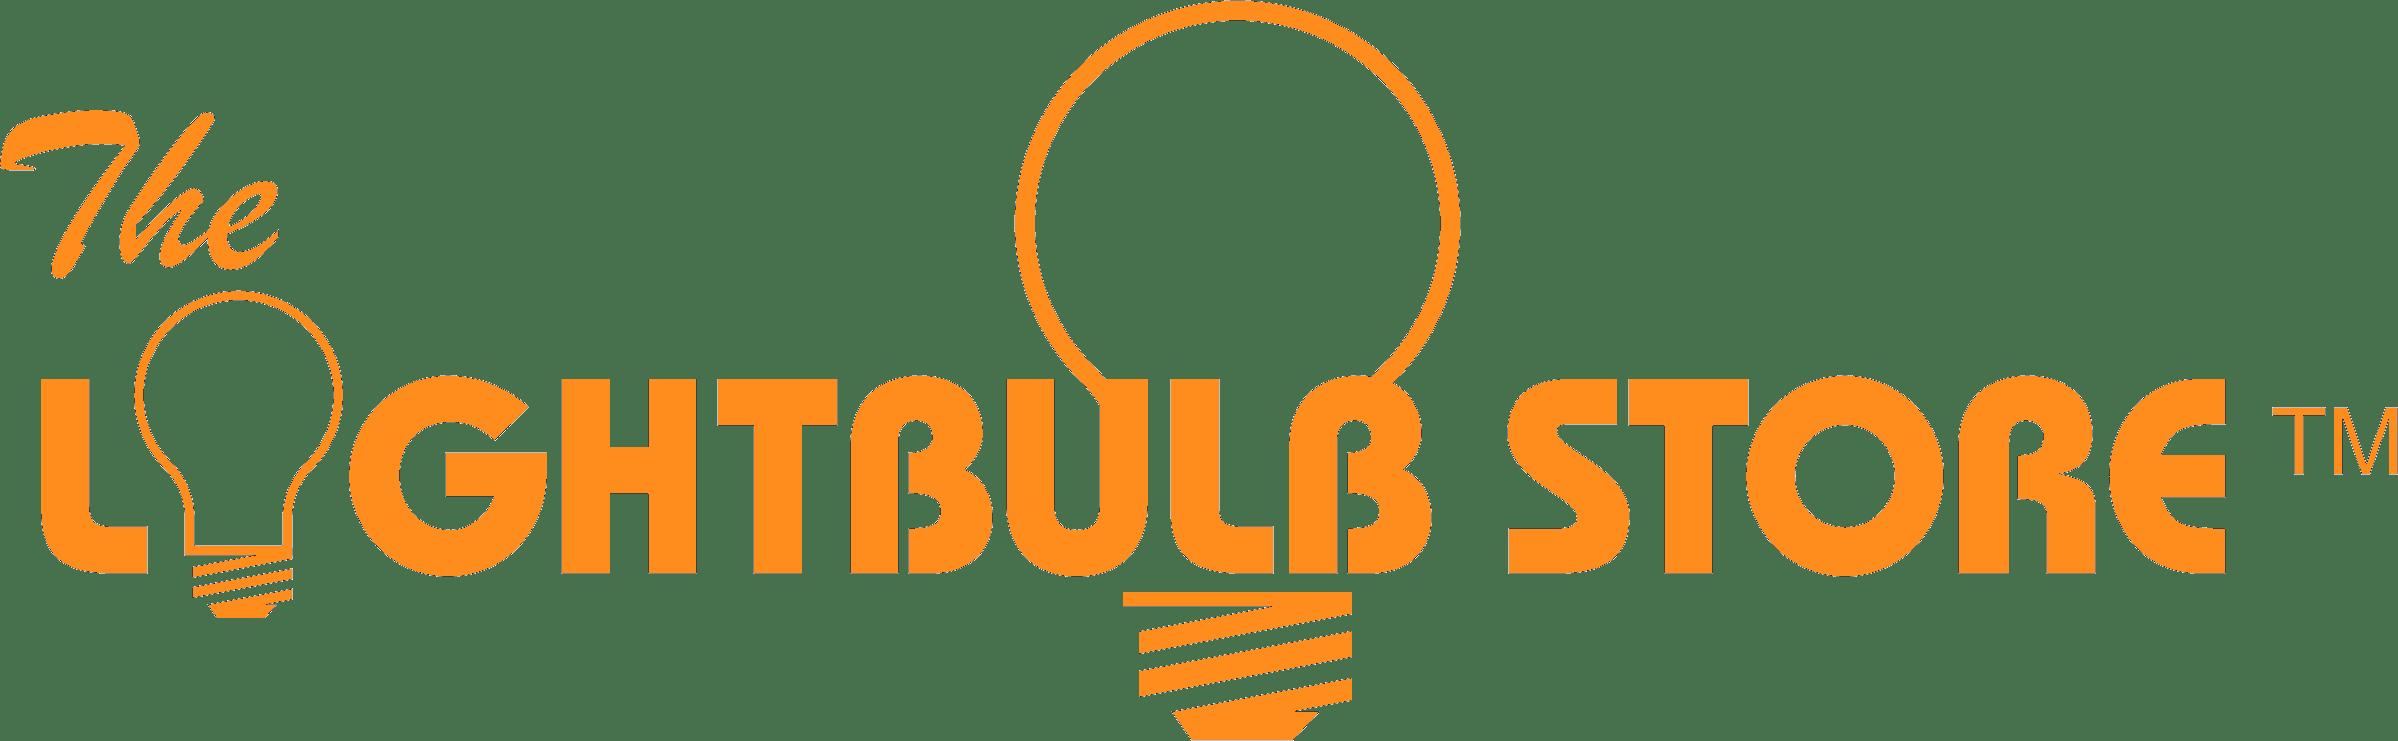 the lightbulb store official website